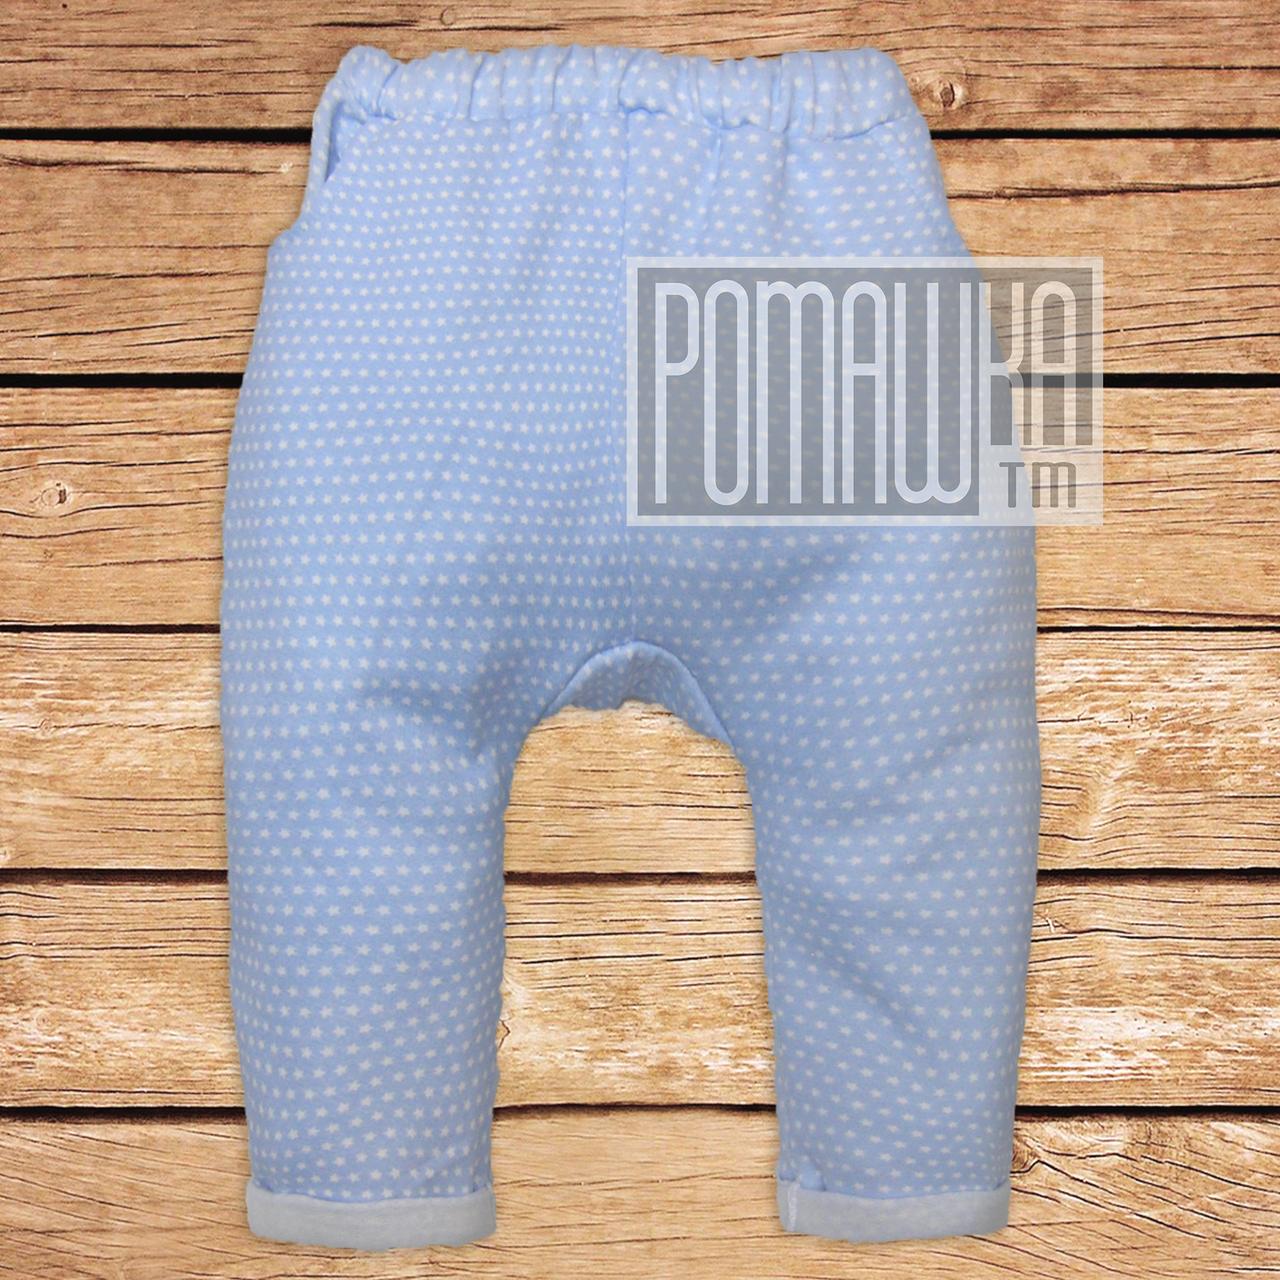 Дитячі спортивні теплі штани р 92 12-18 міс штанці для хлопчика з начосом тканина ФУТЕР 4615Голубой